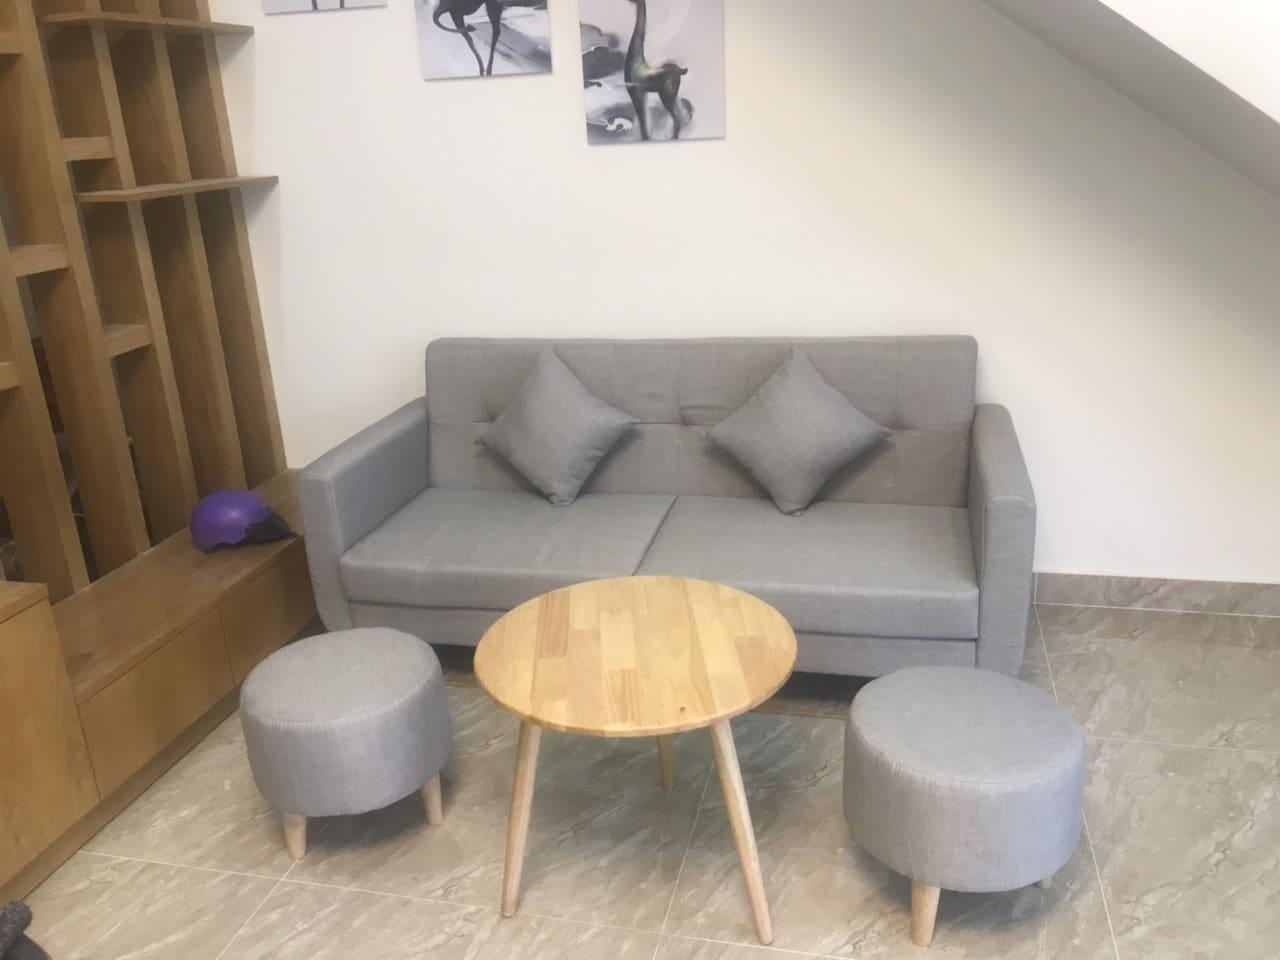 Chọn chất liệu làm ghế sofa không hợp lý